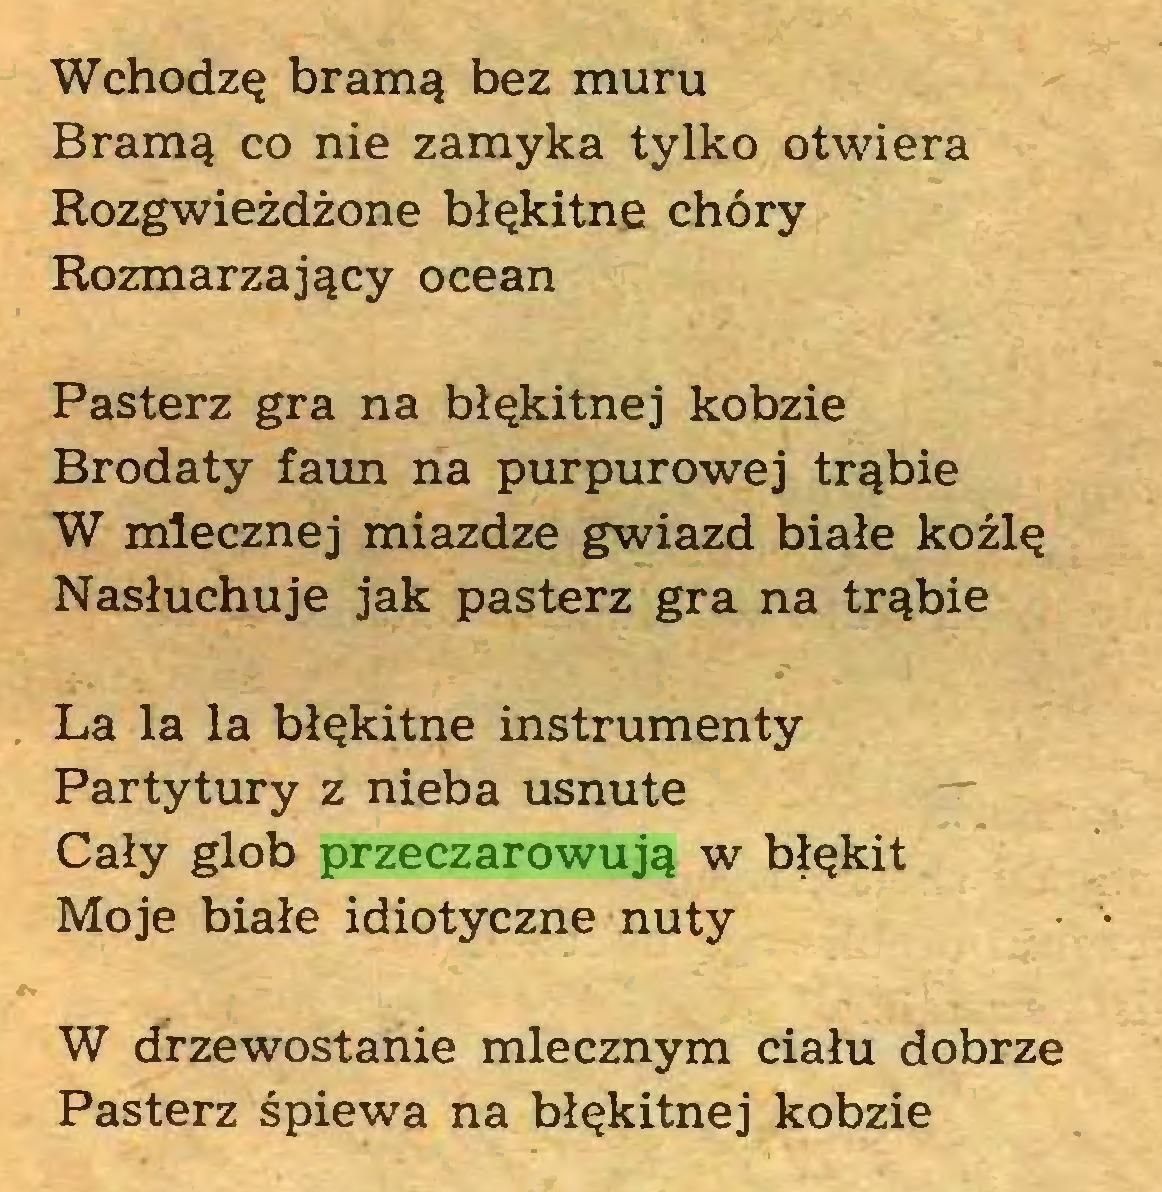 (...) Wchodzę bramą bez muru Bramą co nie zamyka tylko otwiera Rozgwieżdżone błękitne chóry Rozmarzający ocean Pasterz gra na błękitnej kobzie Brodaty faun na purpurowej trąbie W mlecznej miazdze gwiazd białe koźlę Nasłuchuje jak pasterz gra na trąbie La la la błękitne instrumenty Partytury z nieba usnute Cały glob przeczarowują w błękit Moje białe idiotyczne nuty • • W drzewostanie mlecznym ciału dobrze Pasterz śpiewa na błękitnej kobzie...